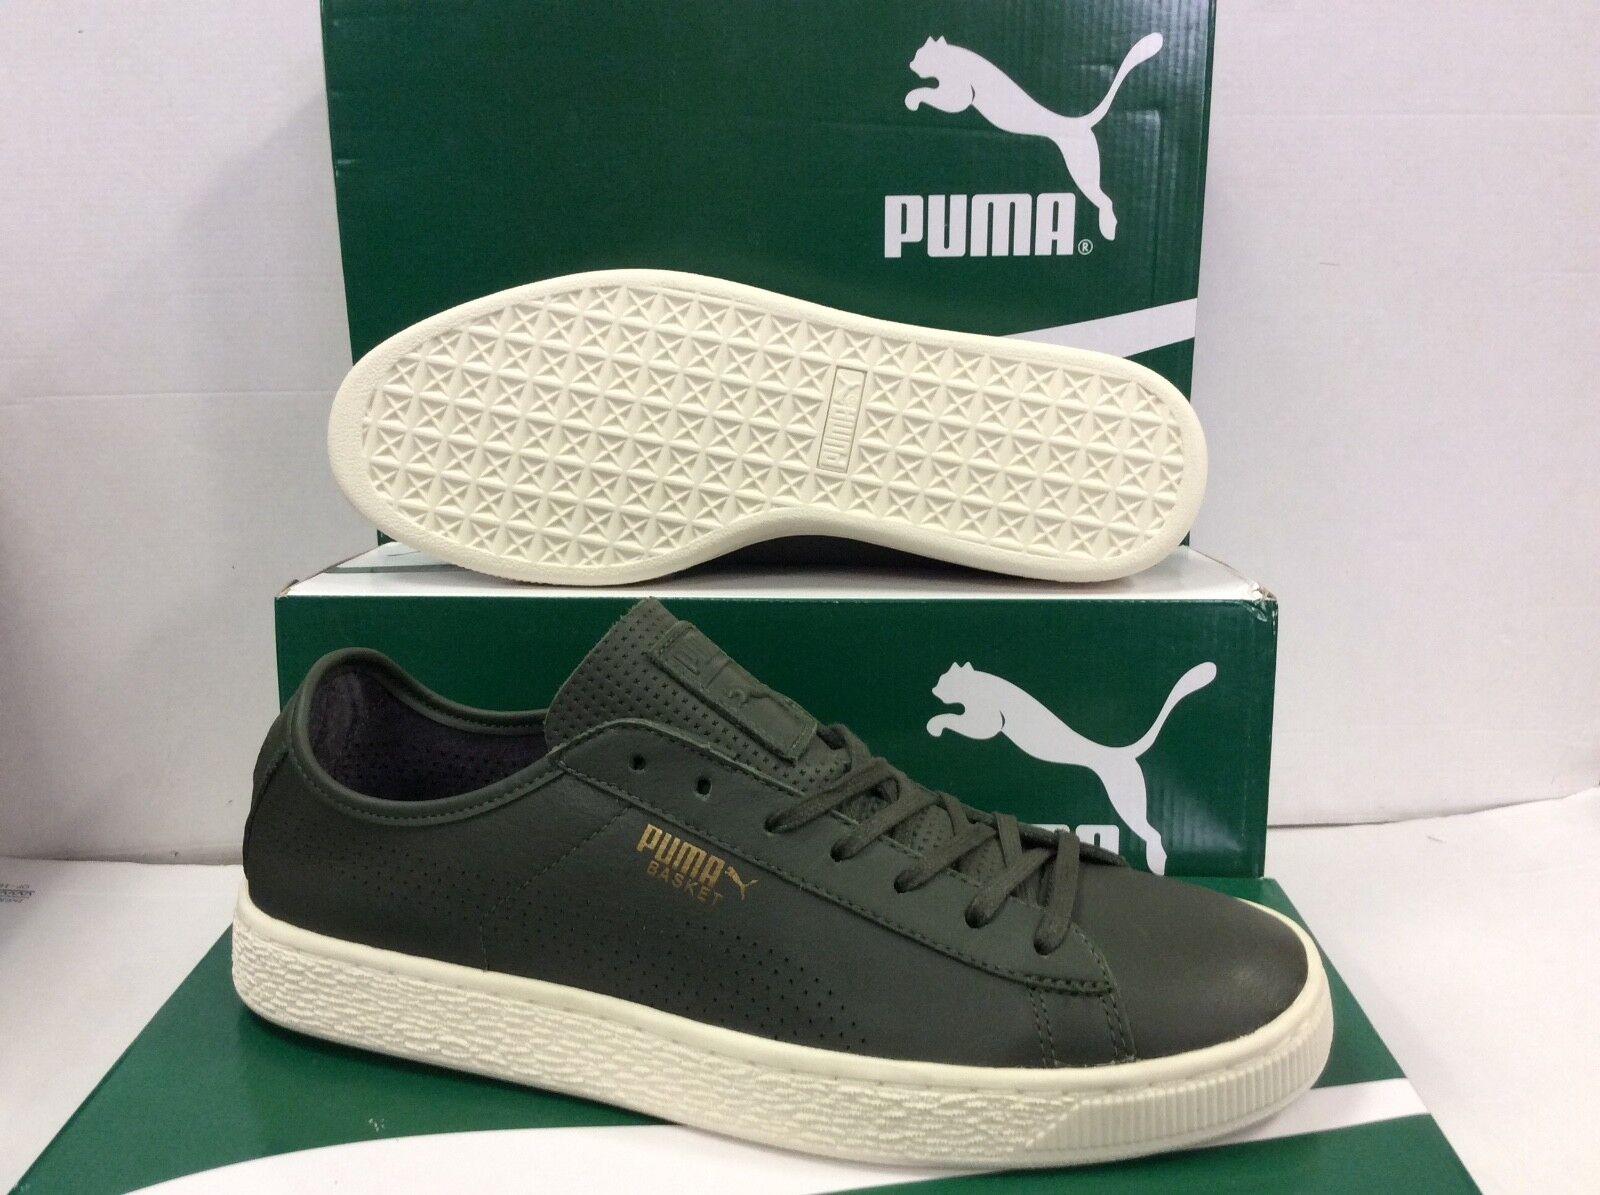 Puma Cesta Clásico de Cuero Suave Para Hombre Zapatillas Zapatillas, Talla